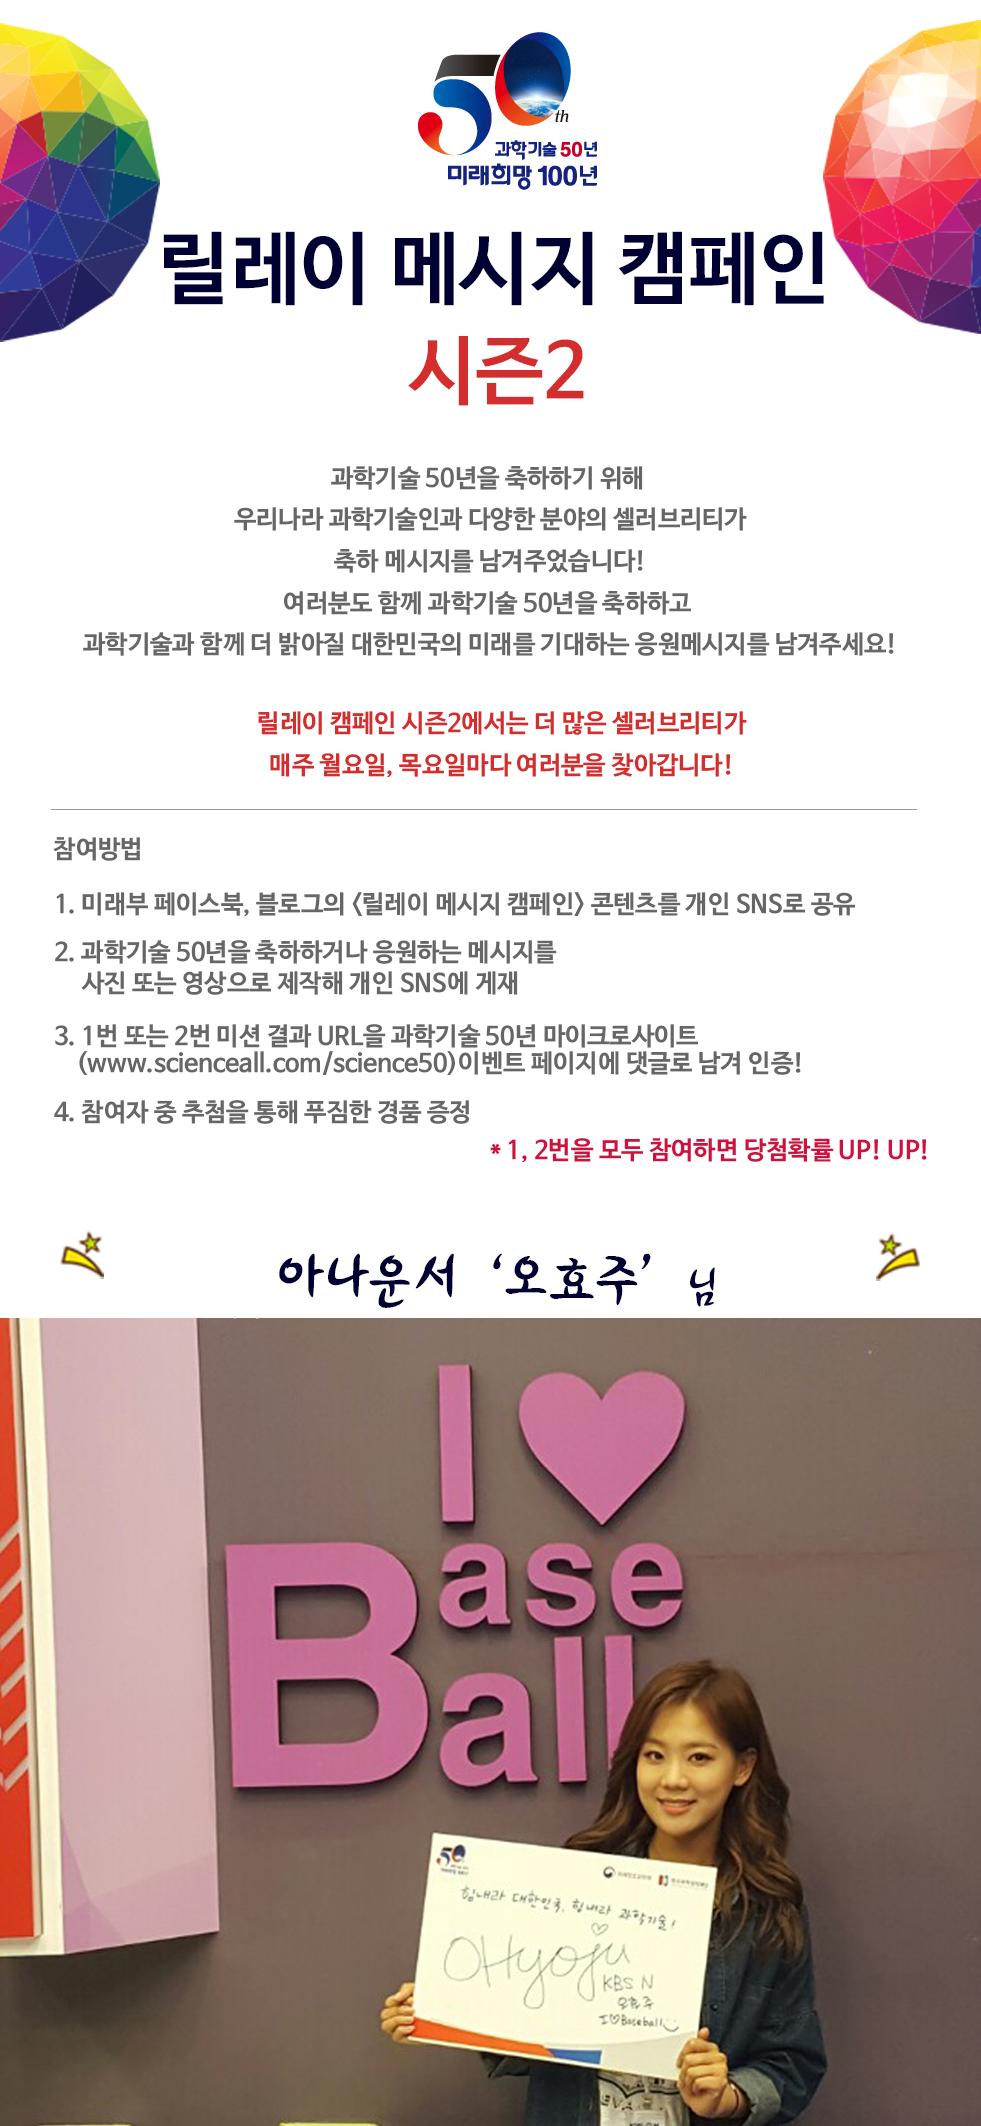 오효주_50년사이트 및 블로그 게재용